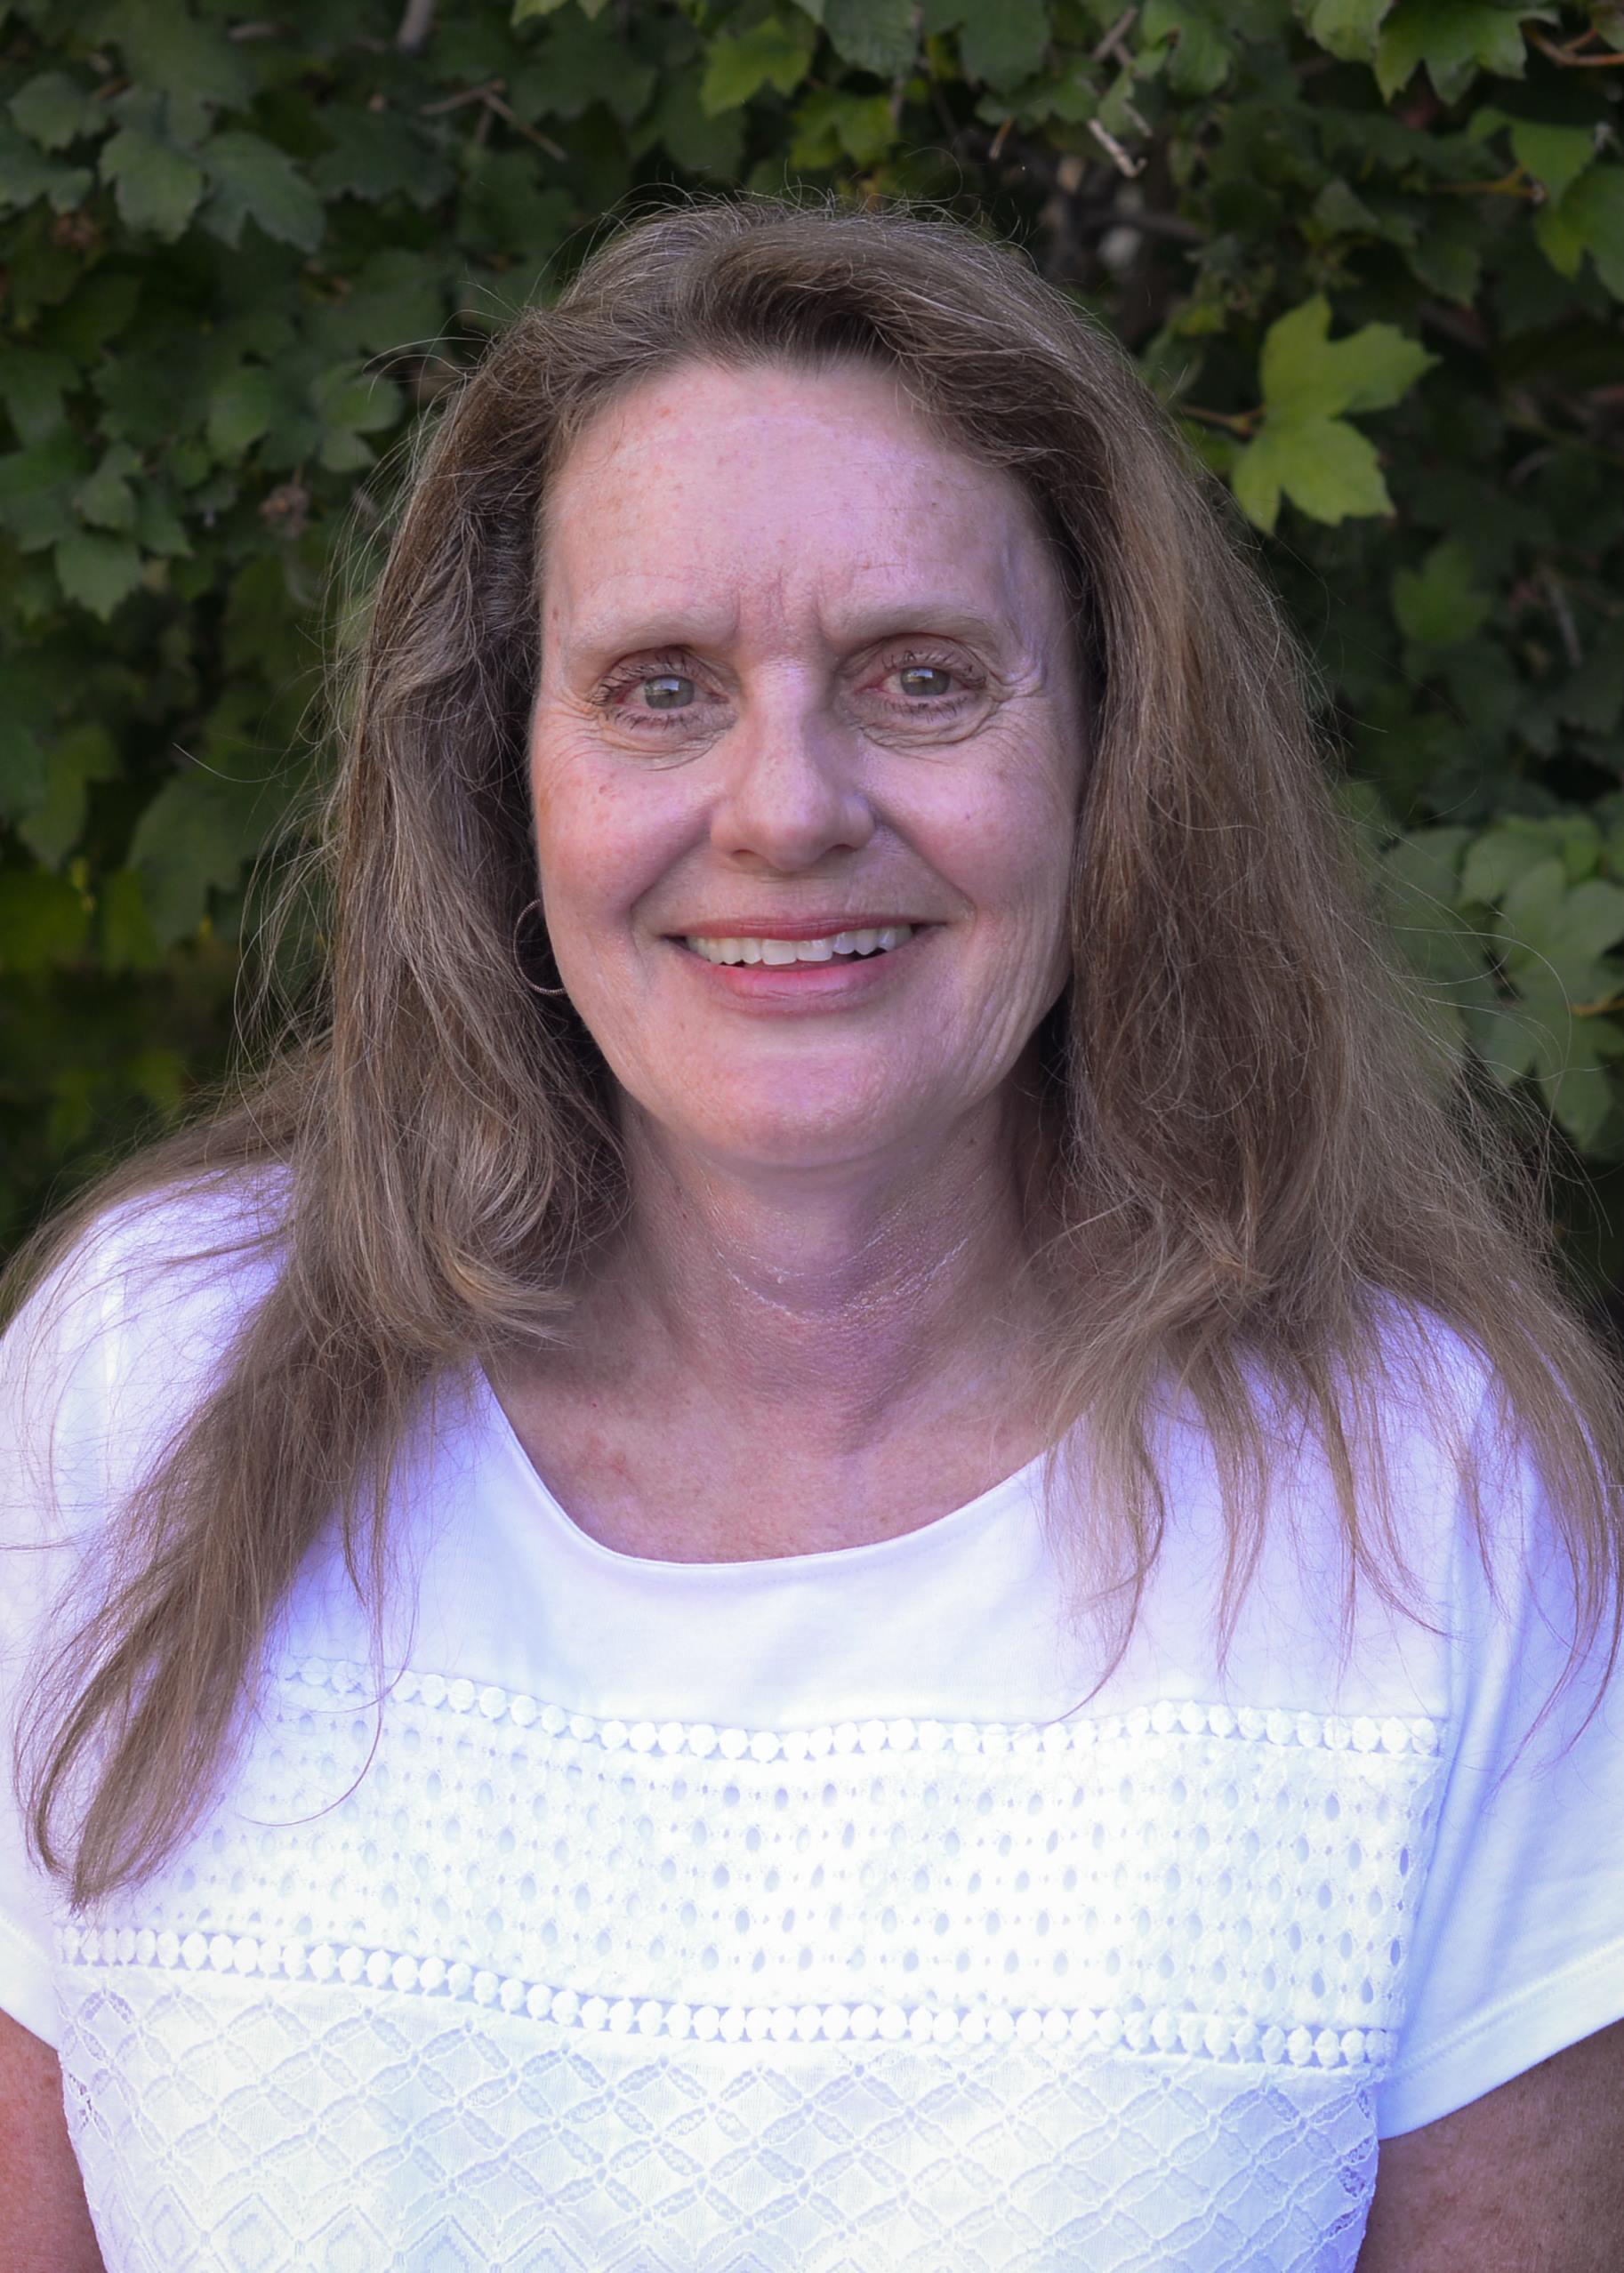 Natalie Maske